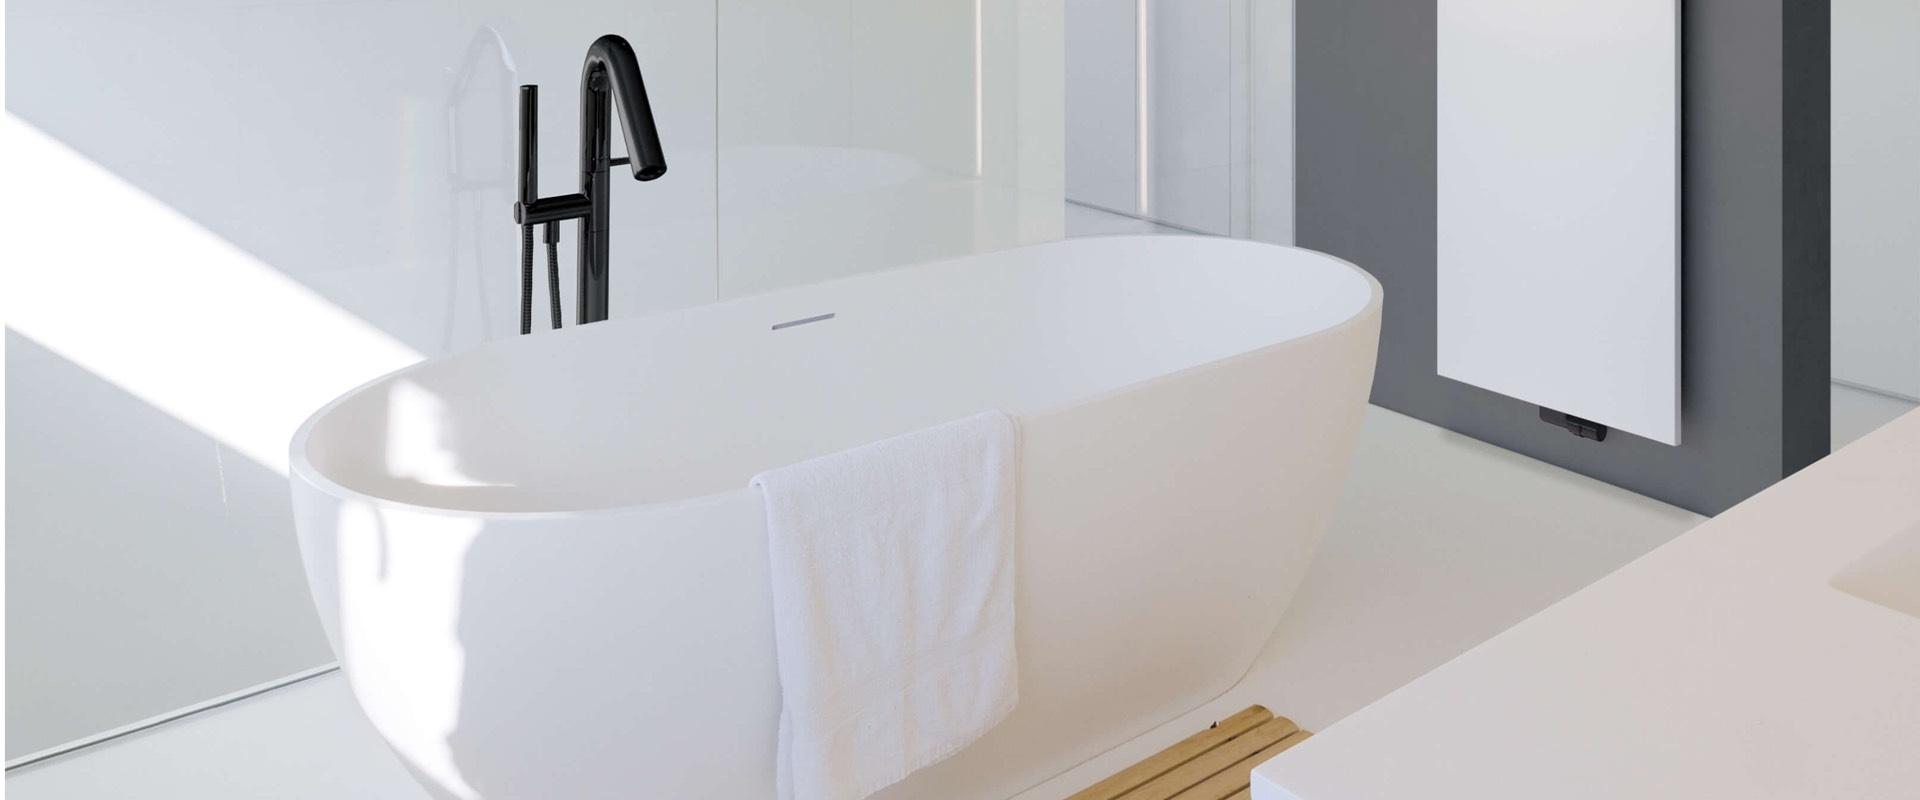 vasco-mijn-bad-in-stijl-chroom-interieur-zwarte-kraan